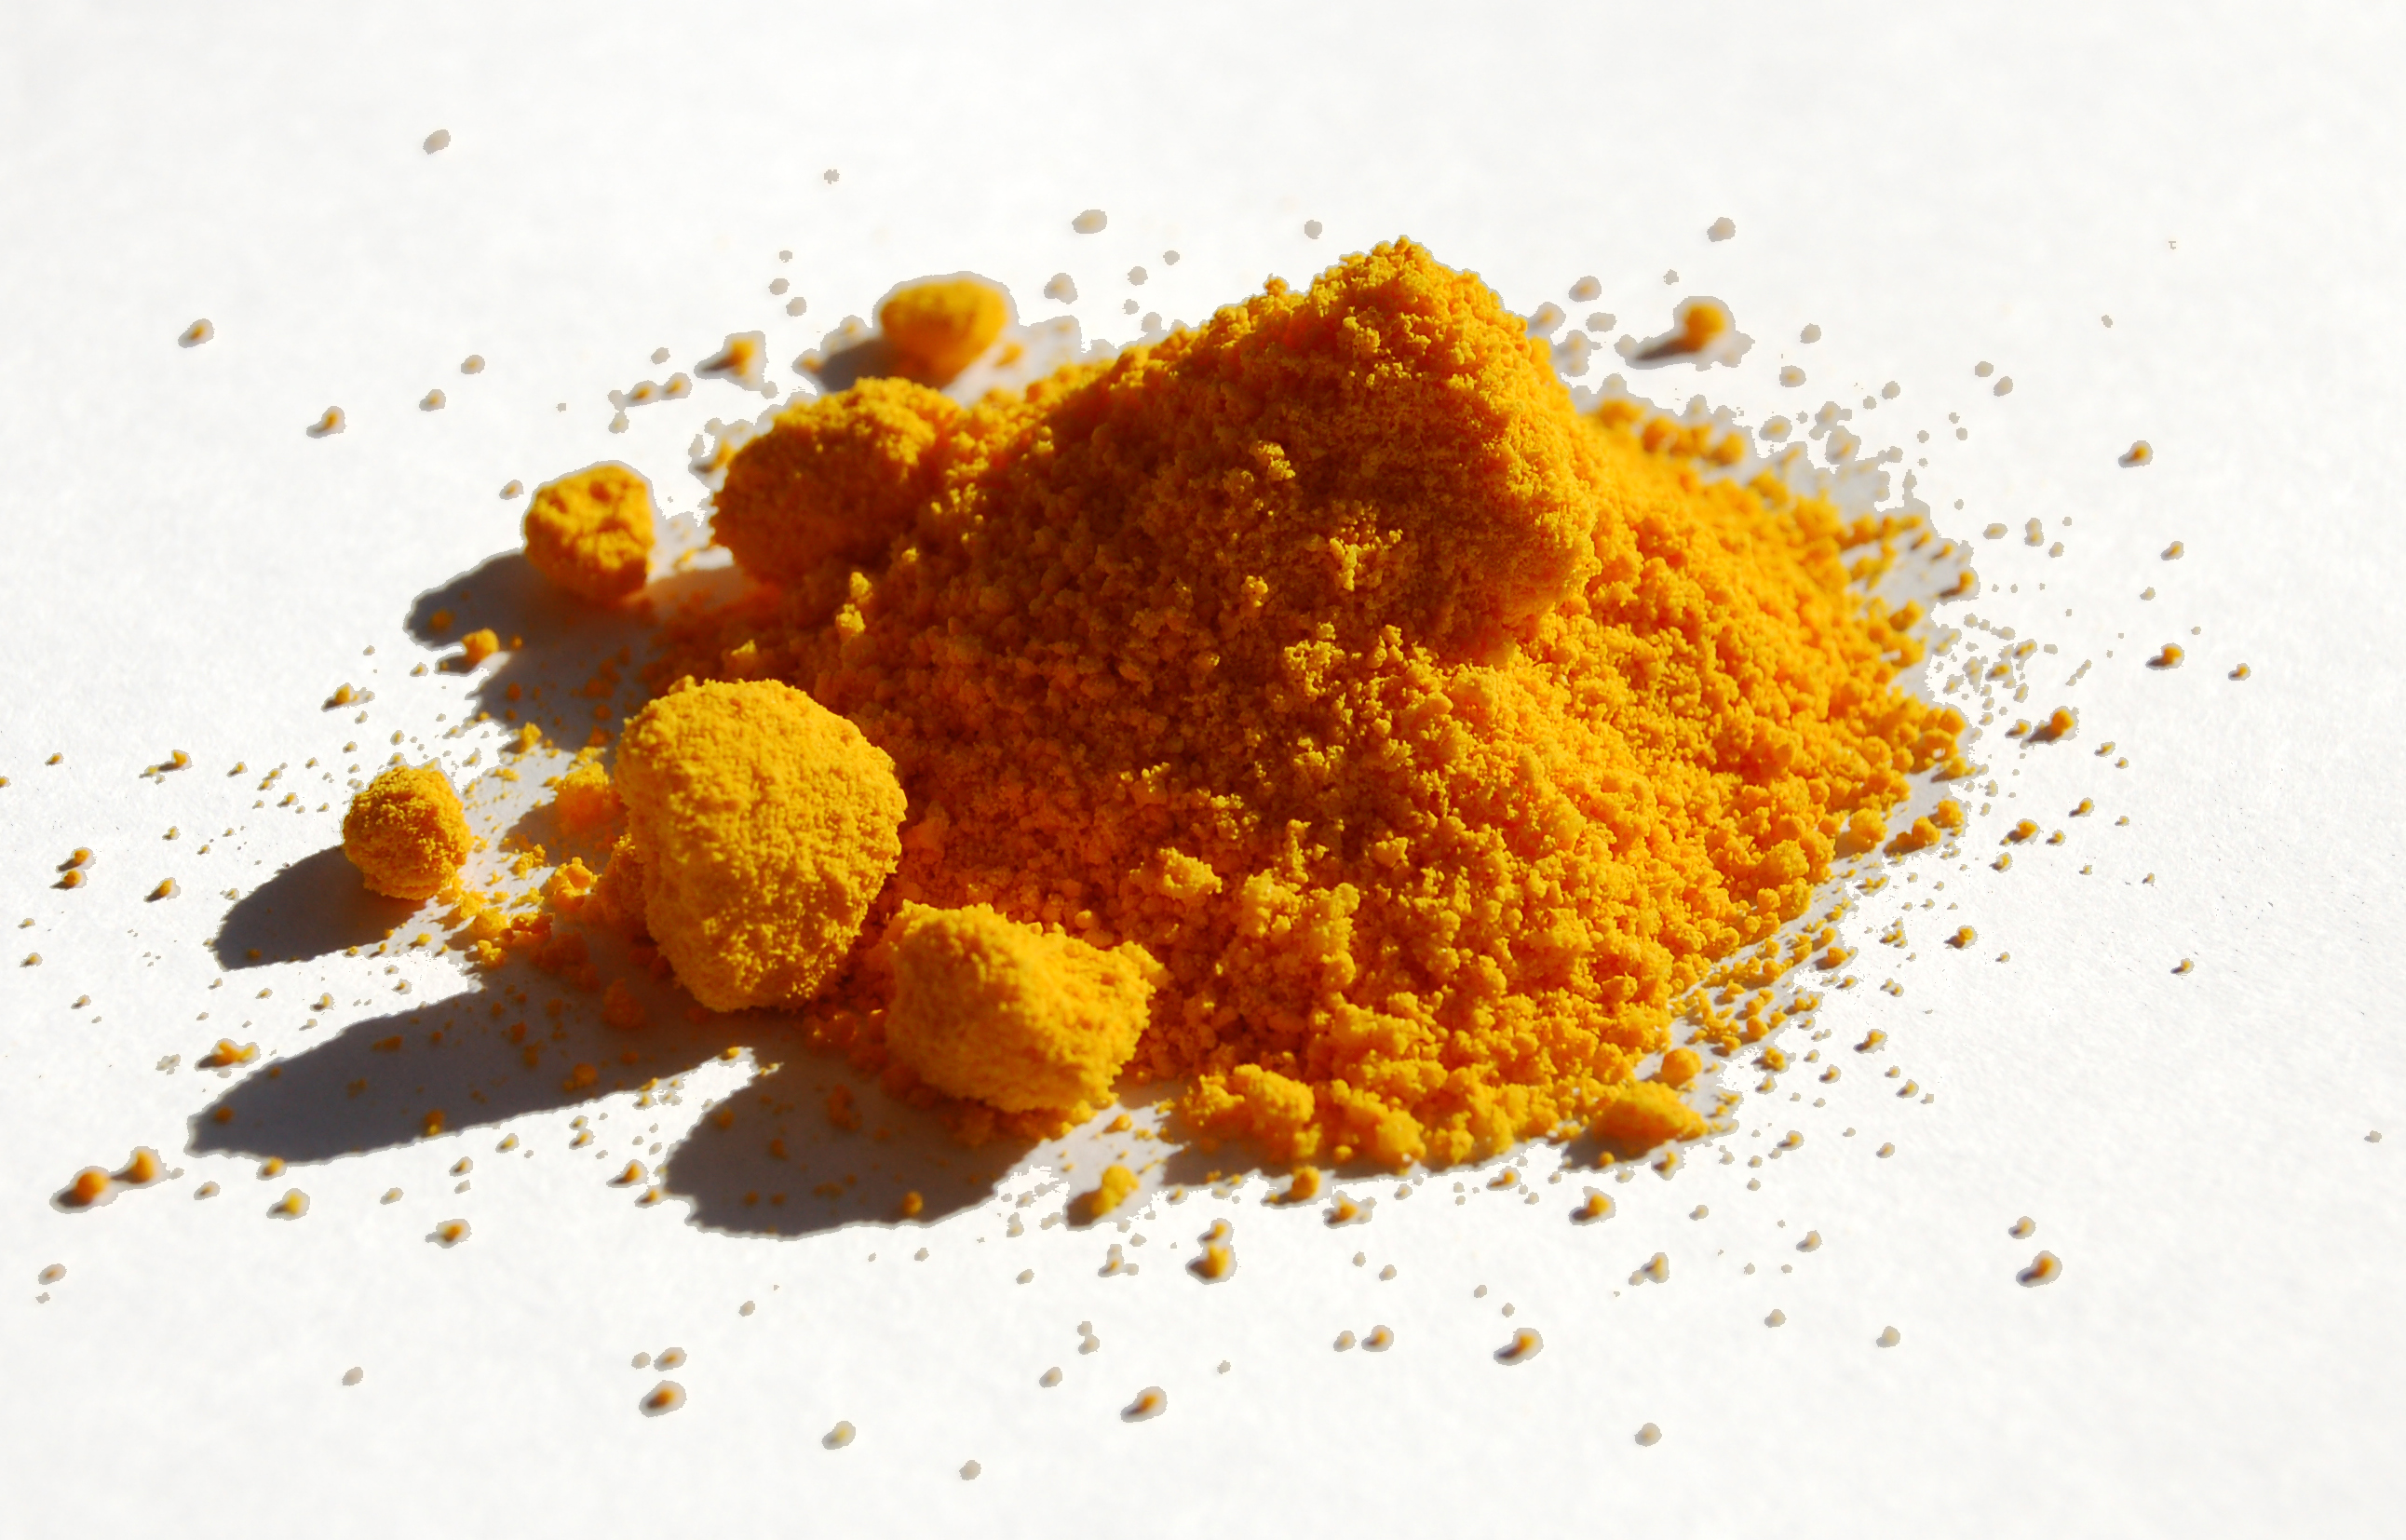 Ammonium-cerium IV -sulfate- Cerium